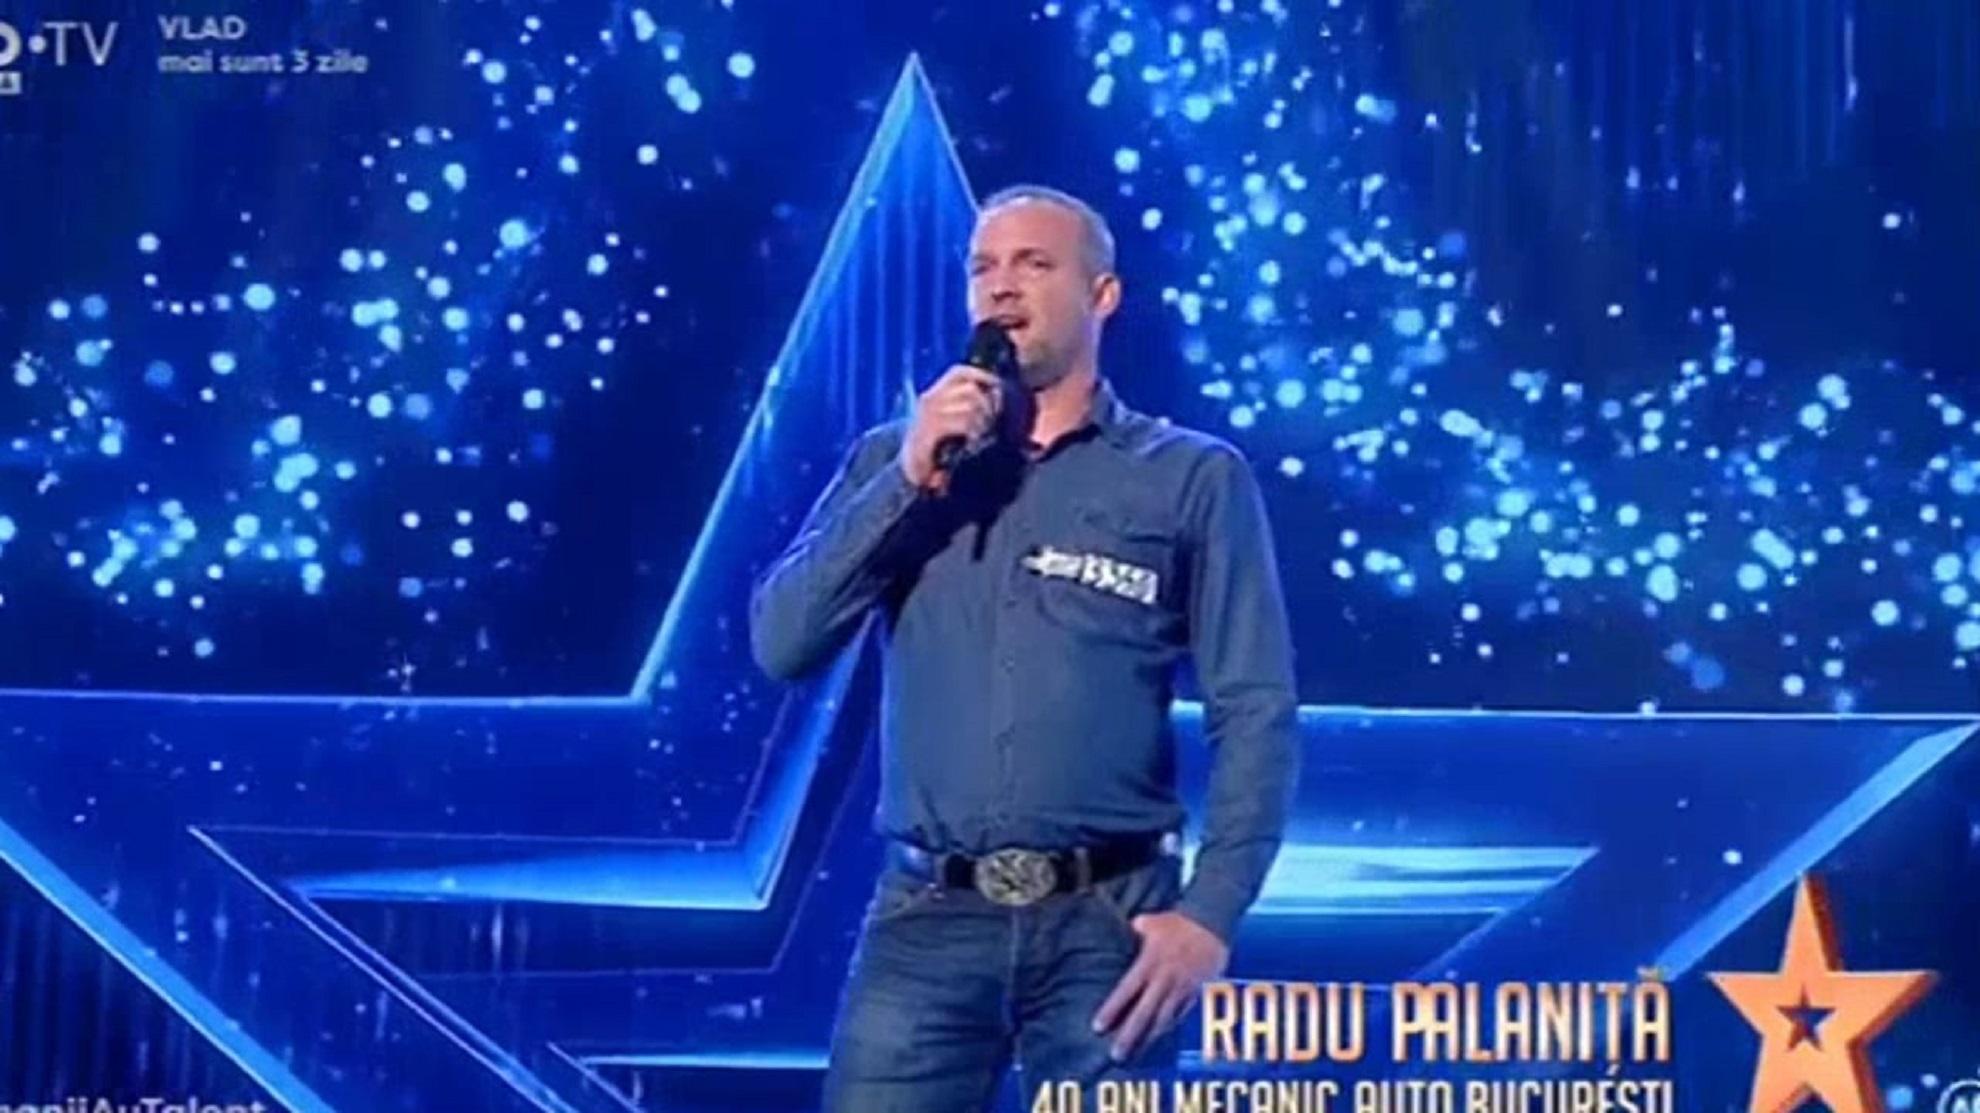 Câștigătorul de la Românii au talent stă într-o garsonieră închiriată: ce planuri are cu premiul Radu Palaniță